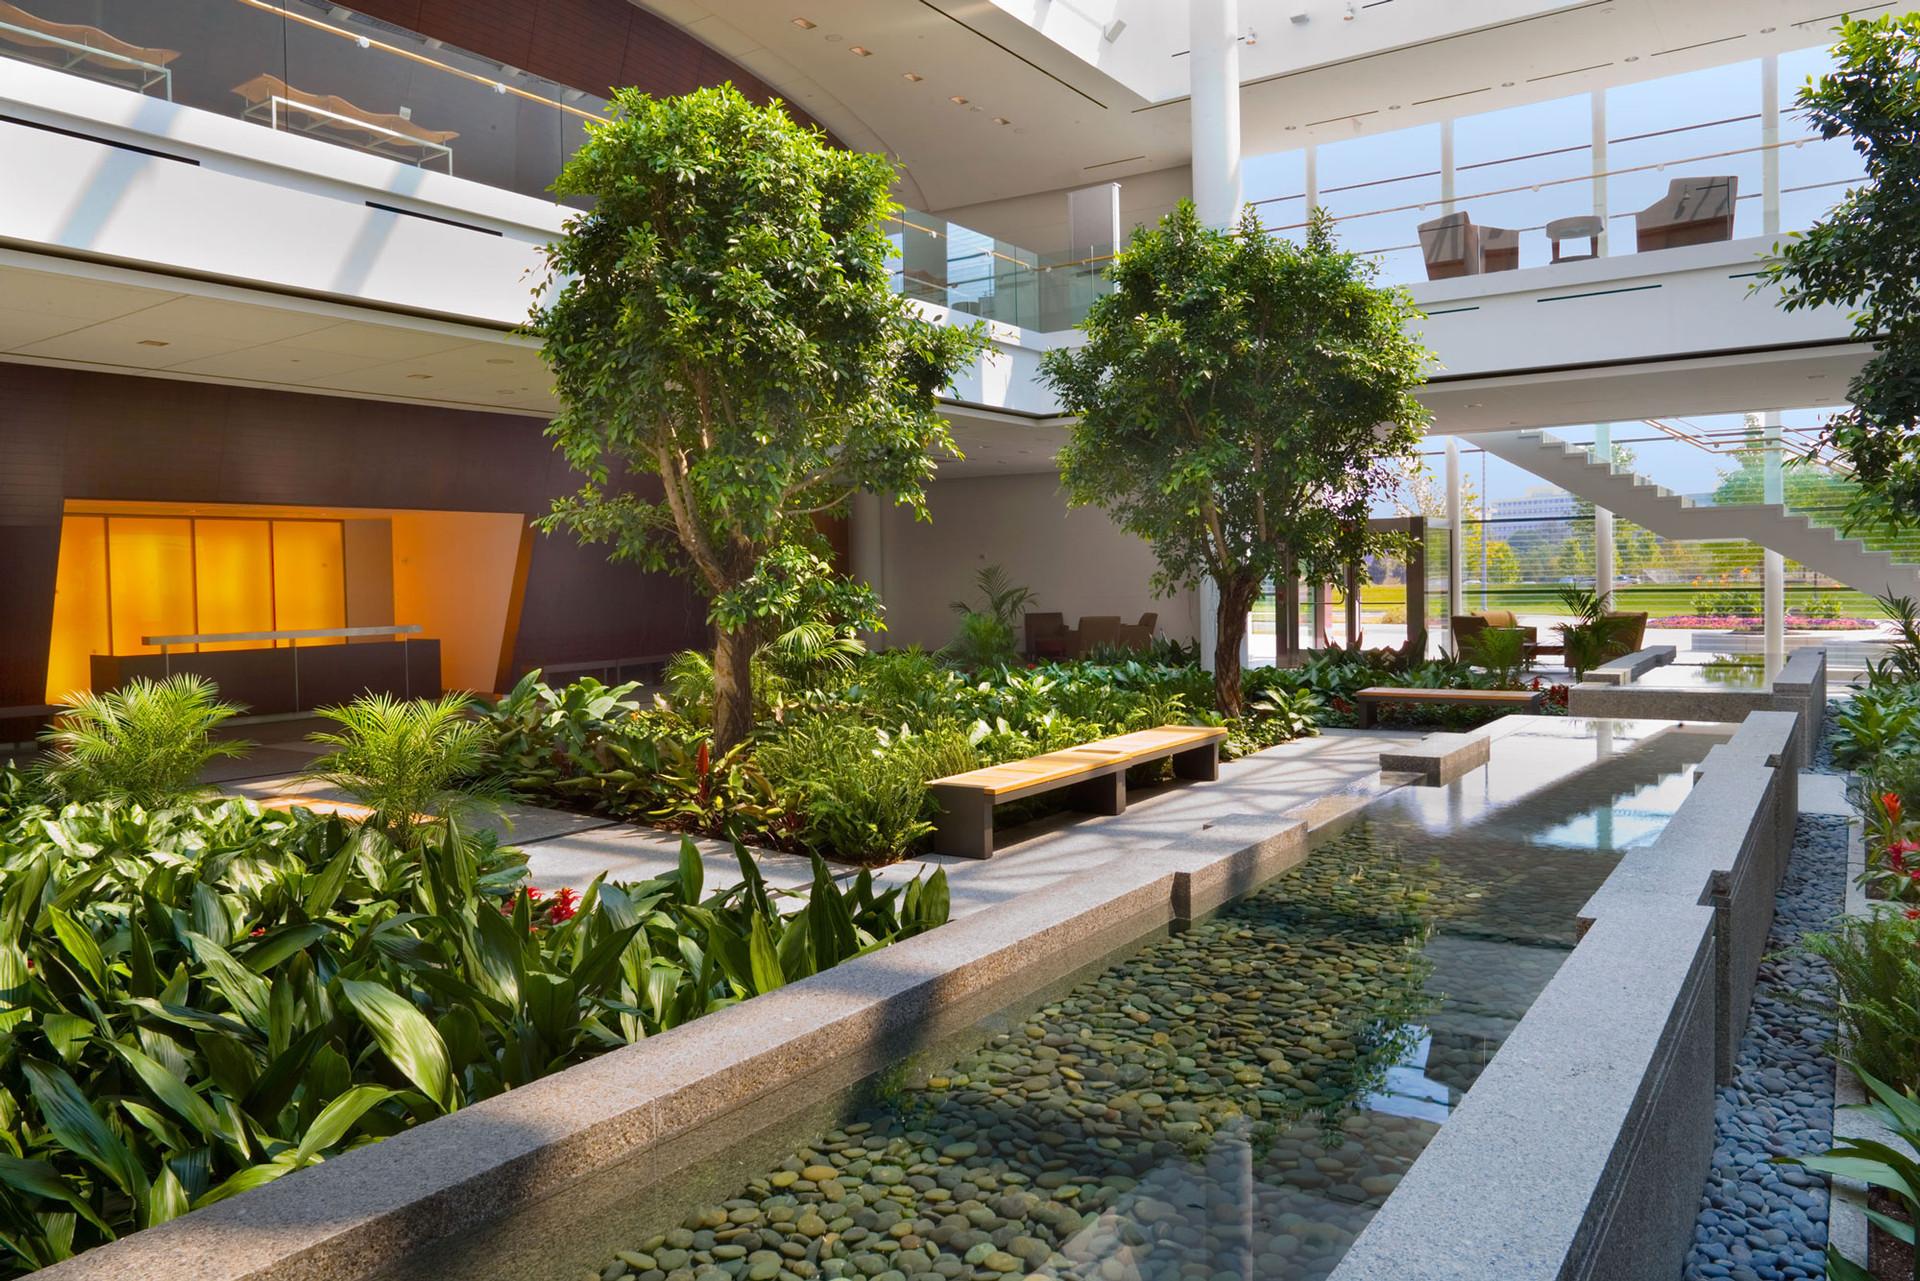 Capital One Conference Center & Atrium